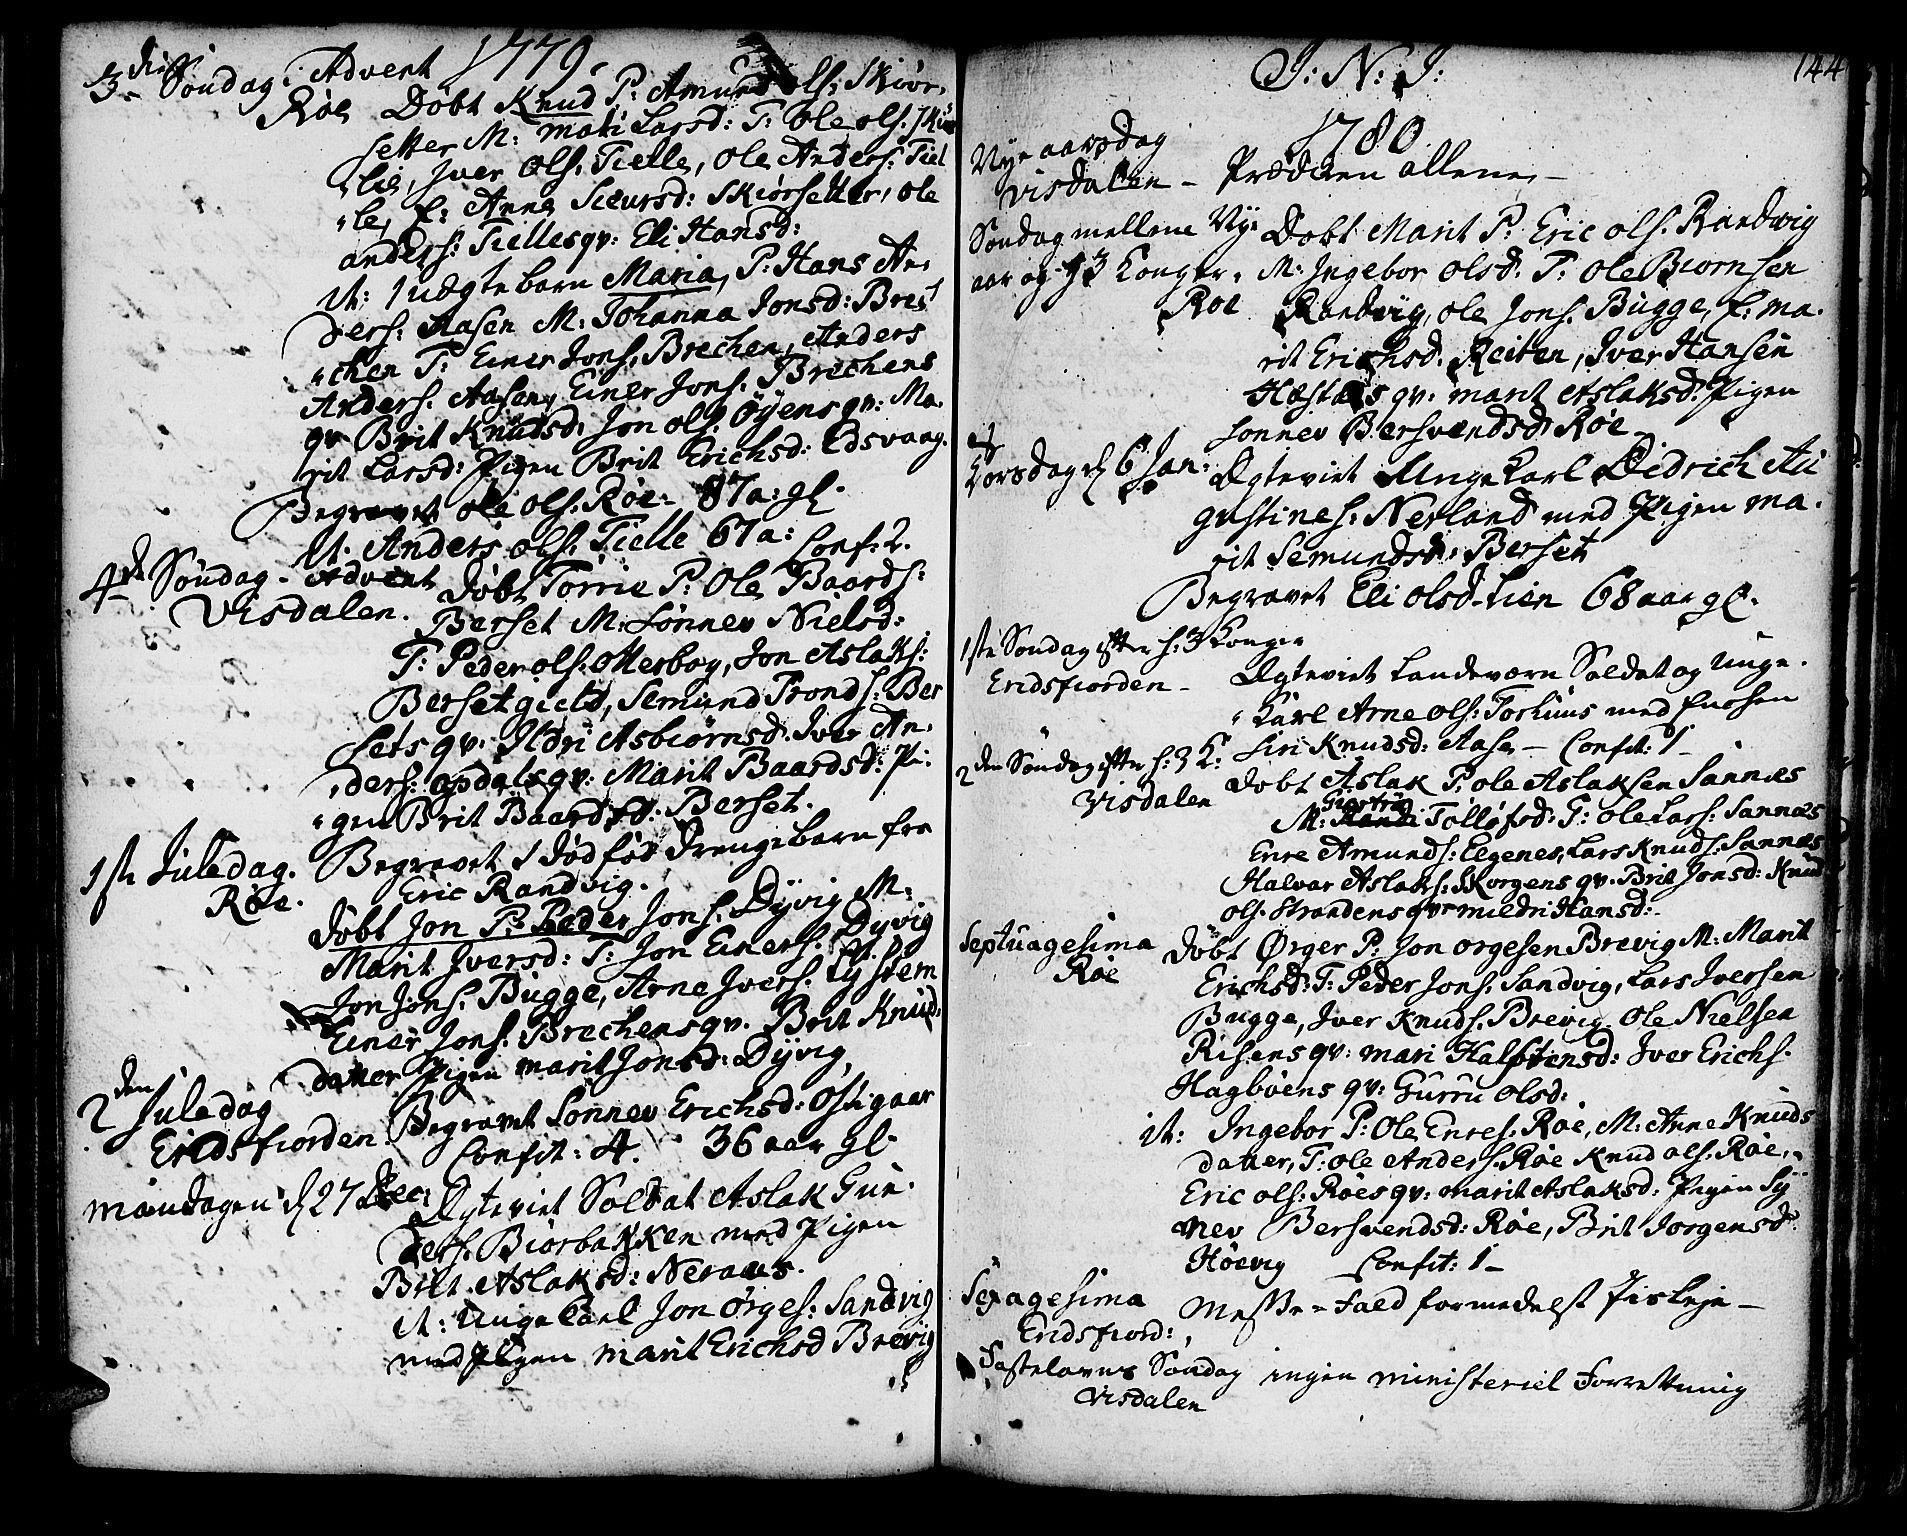 SAT, Ministerialprotokoller, klokkerbøker og fødselsregistre - Møre og Romsdal, 551/L0621: Ministerialbok nr. 551A01, 1757-1803, s. 144